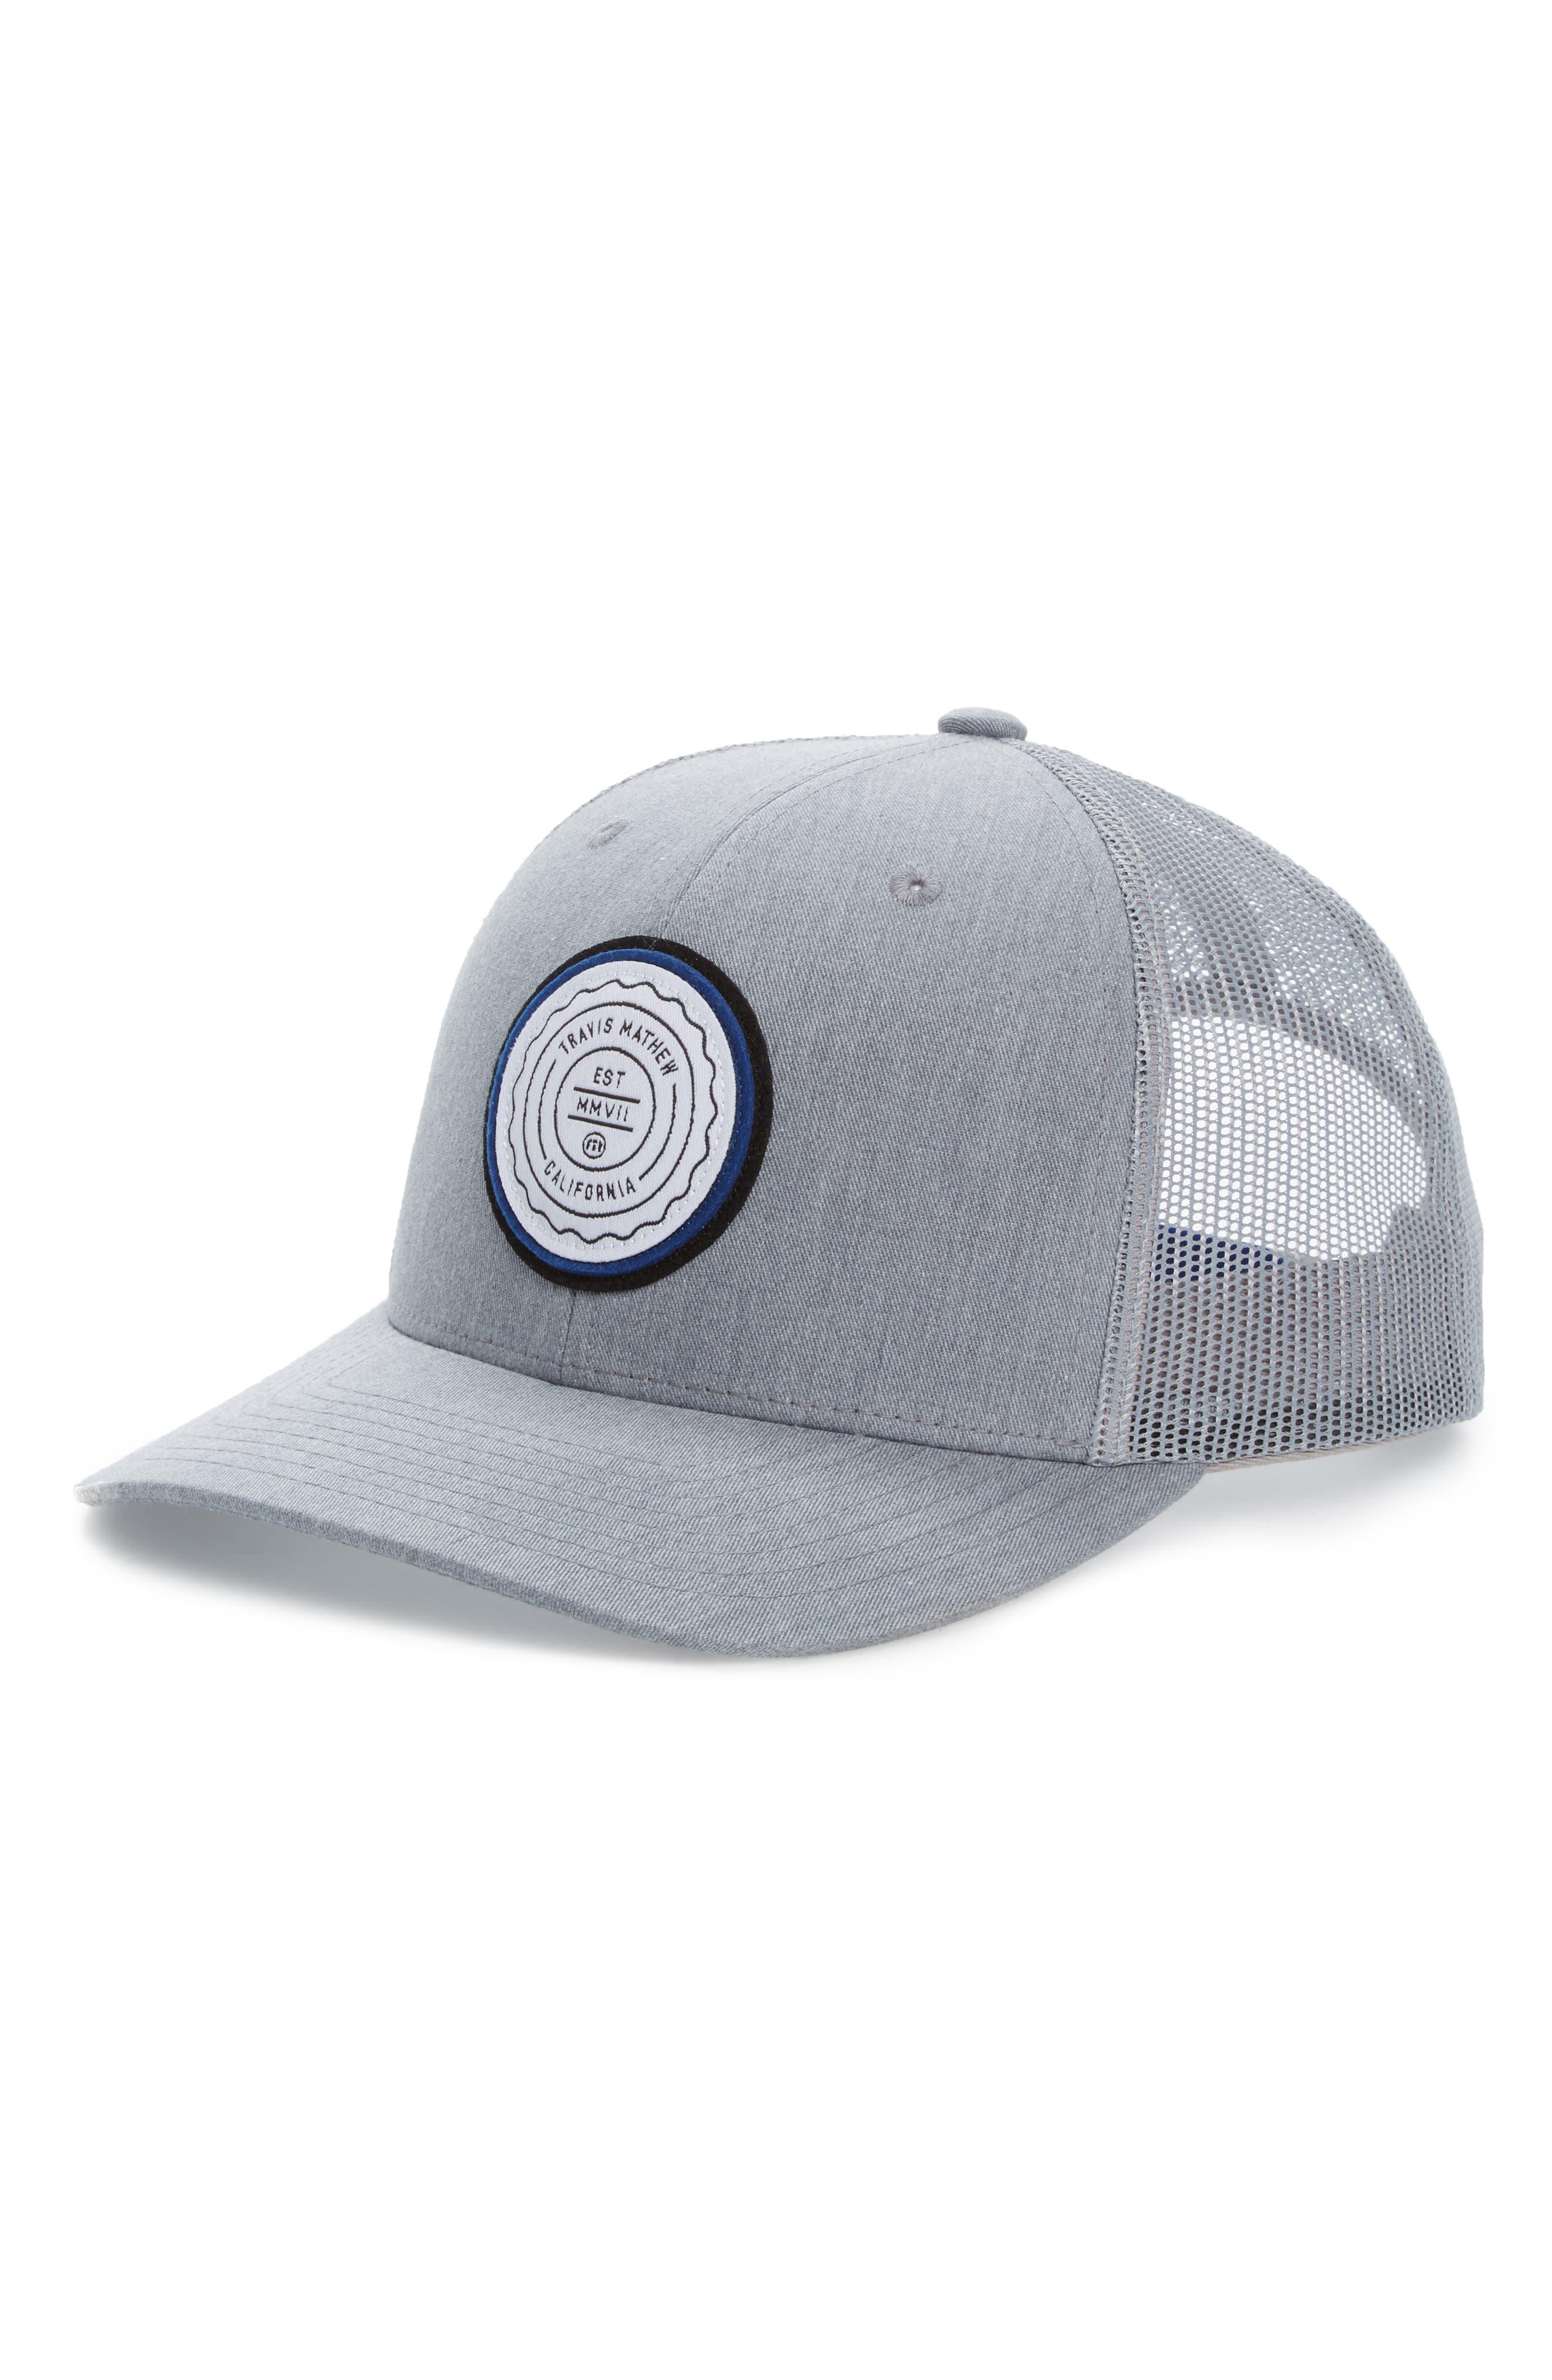 TRAVIS MATHEW Trip L Trucker Hat